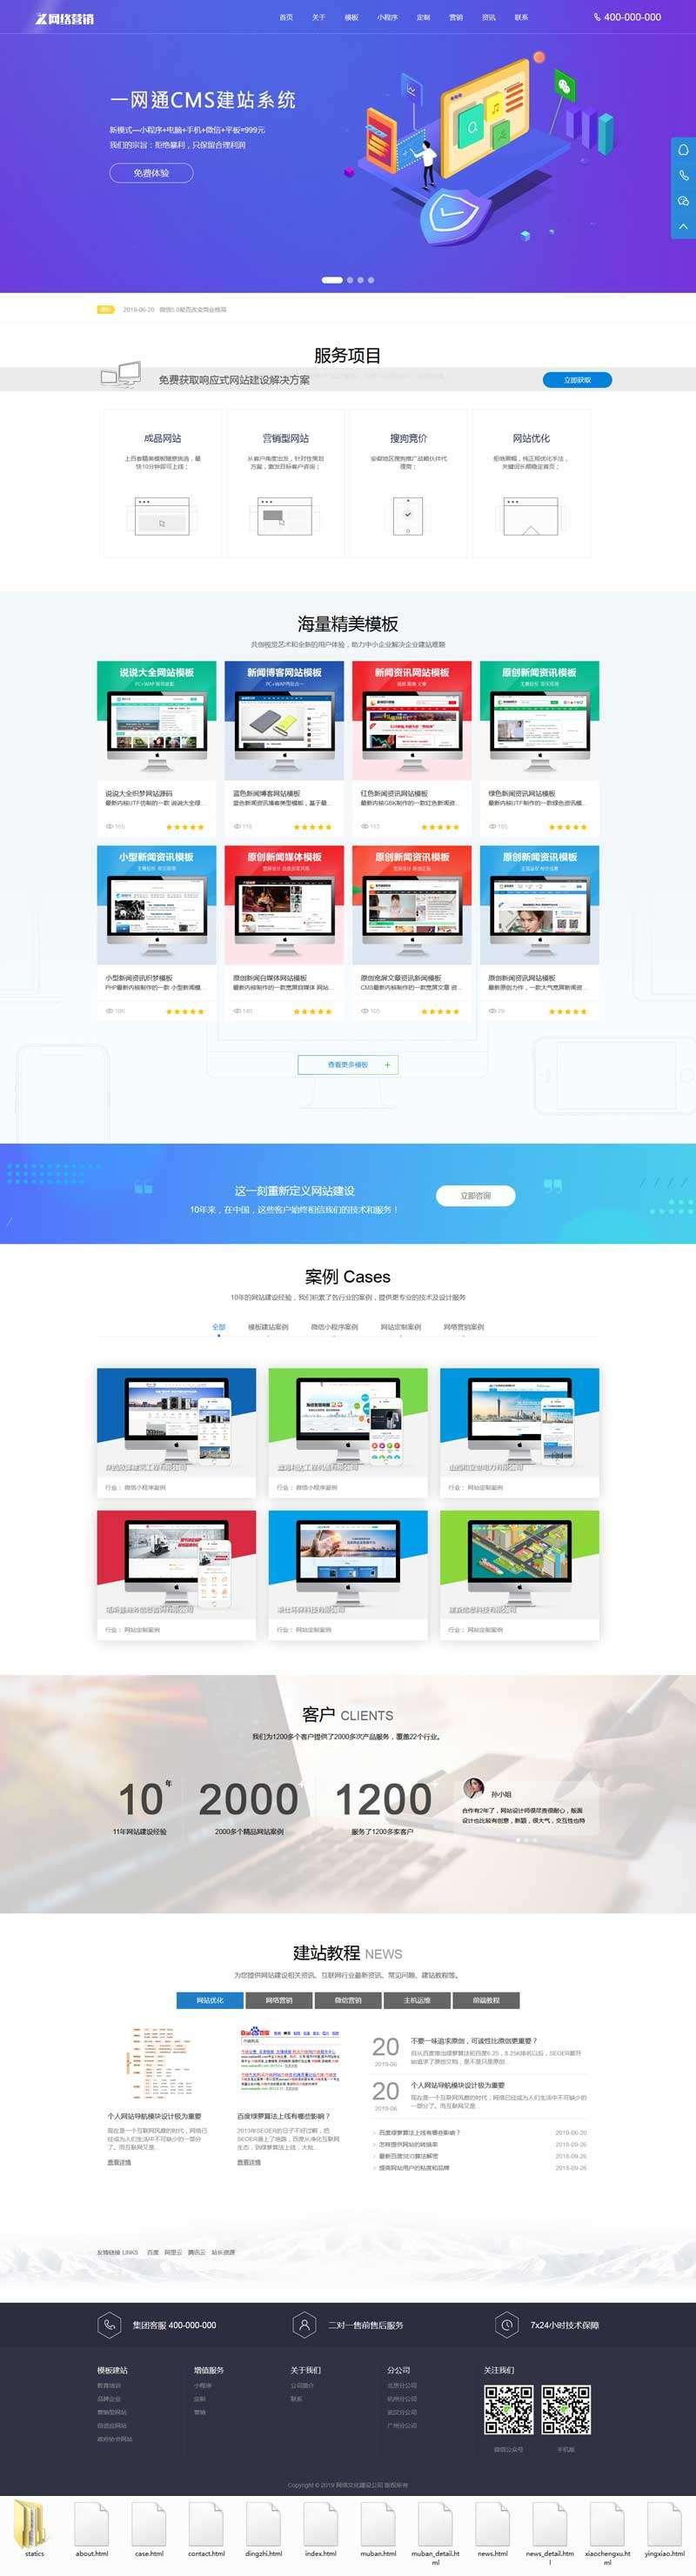 大气简洁的网络营销公司通用html模板